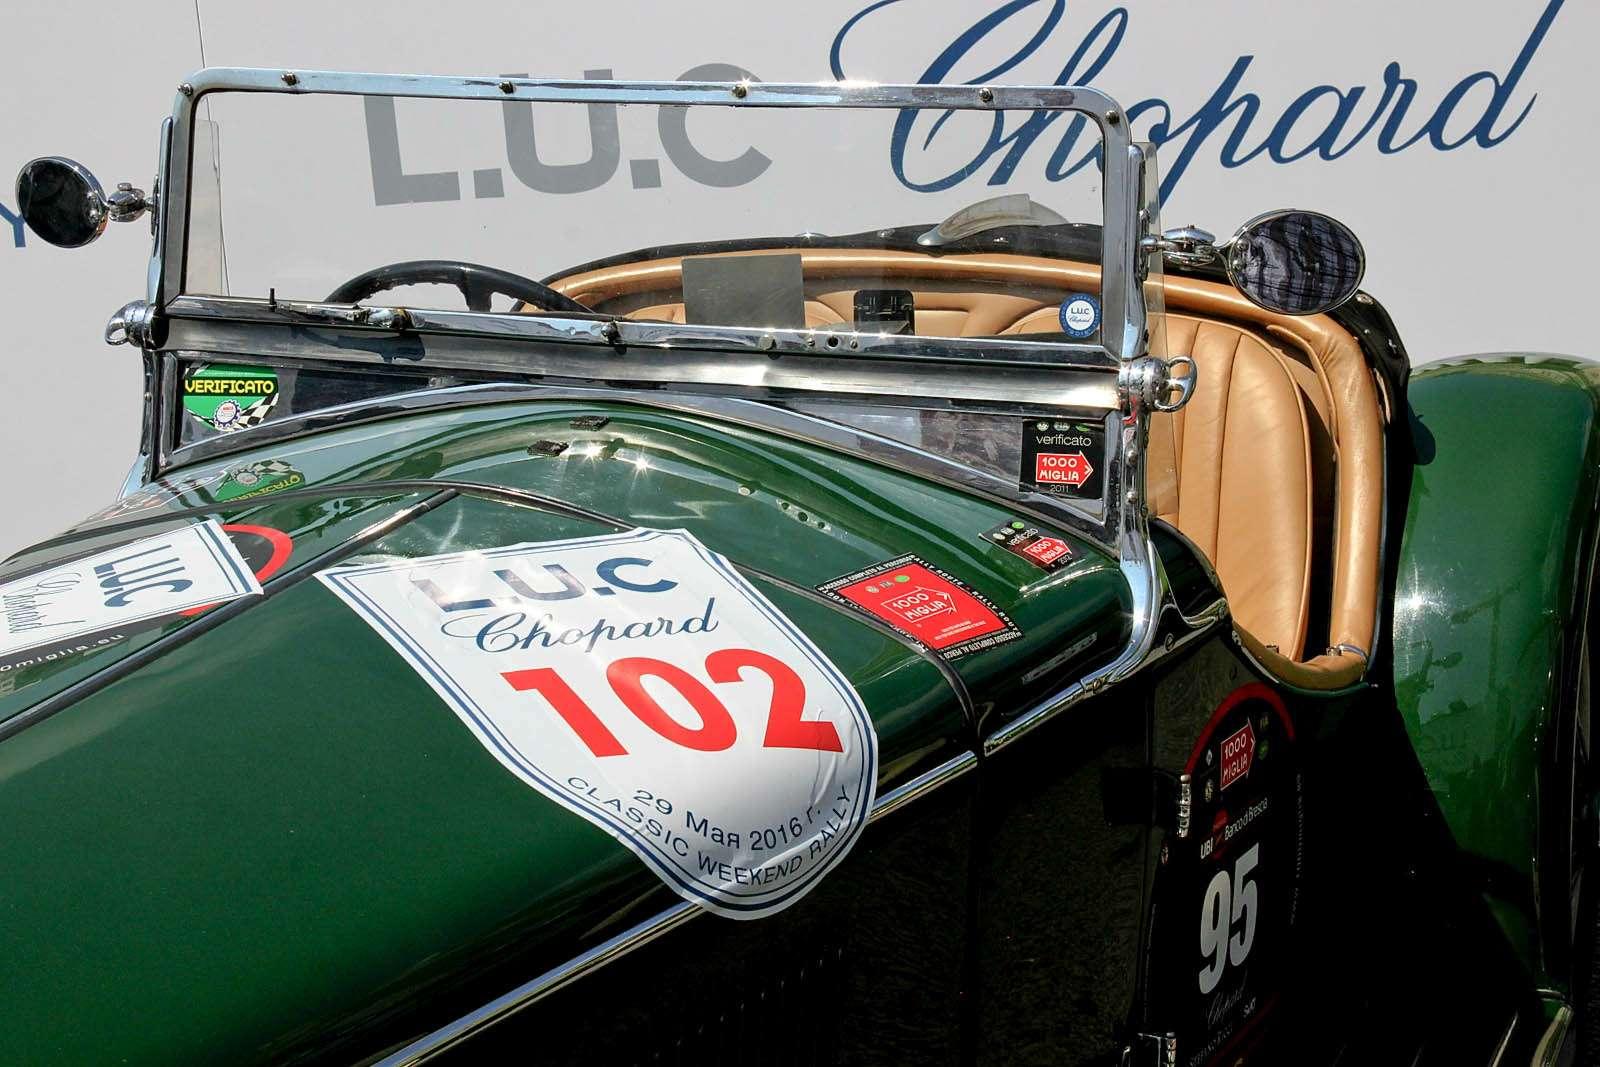 L.U.C Chopard Classic Weekend Rally: эмоции сналетом старины— фото 595980